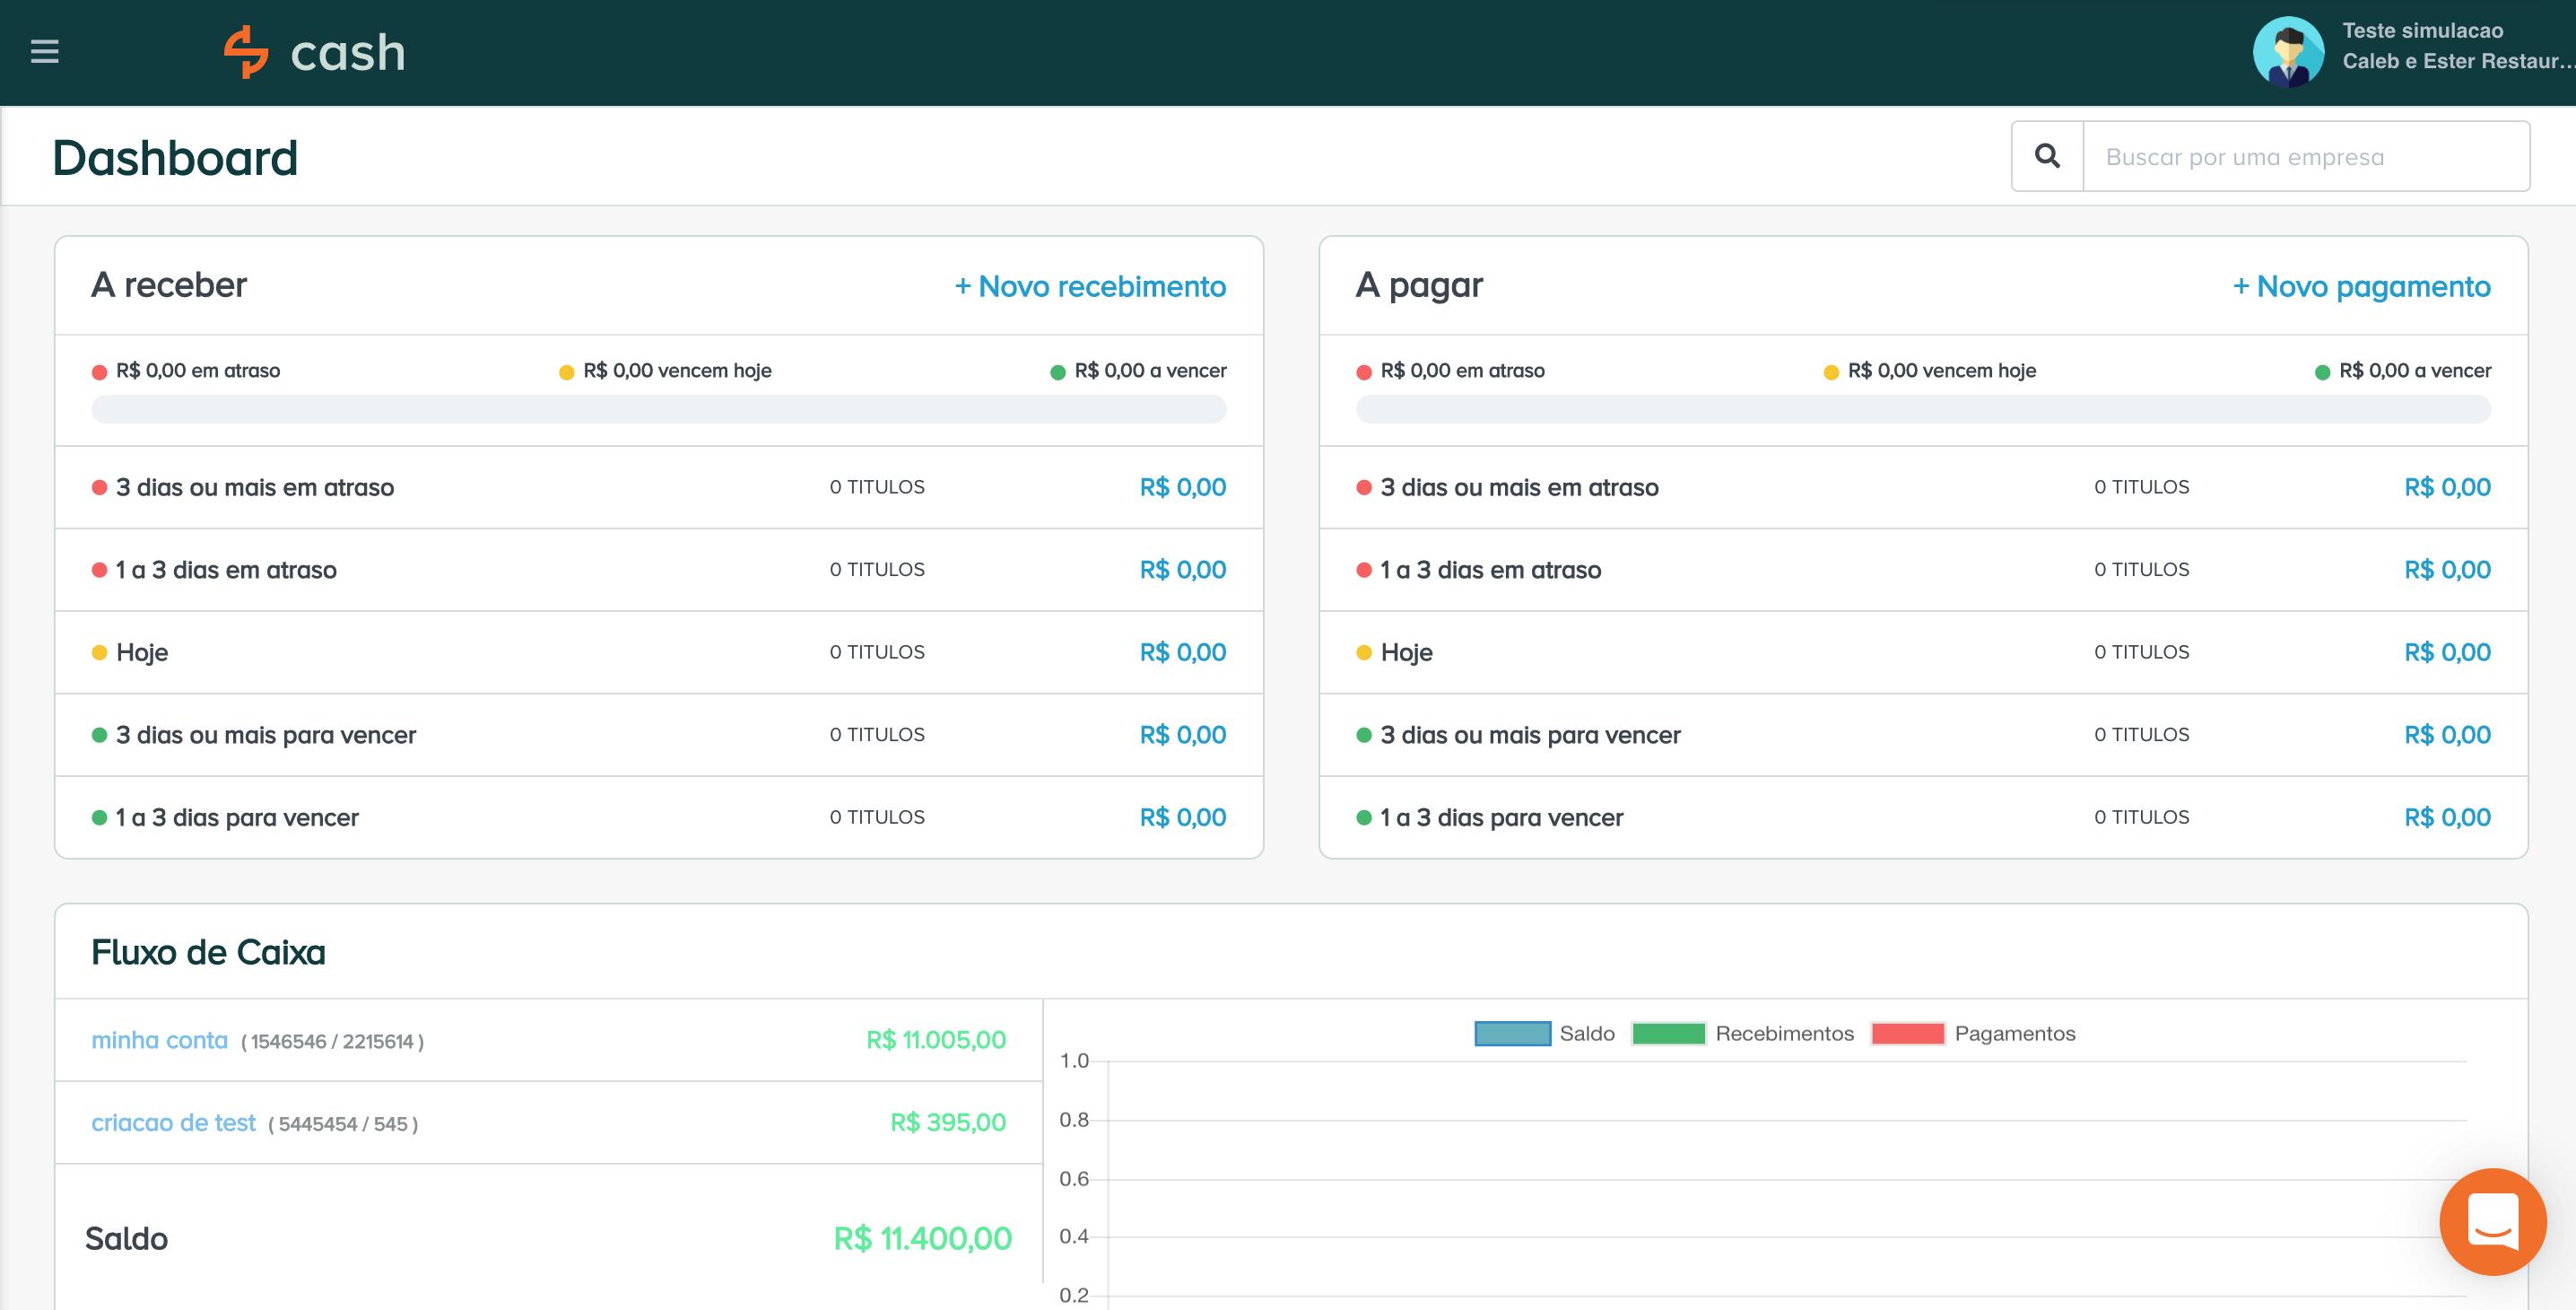 Dashboard com visão geral das finanças